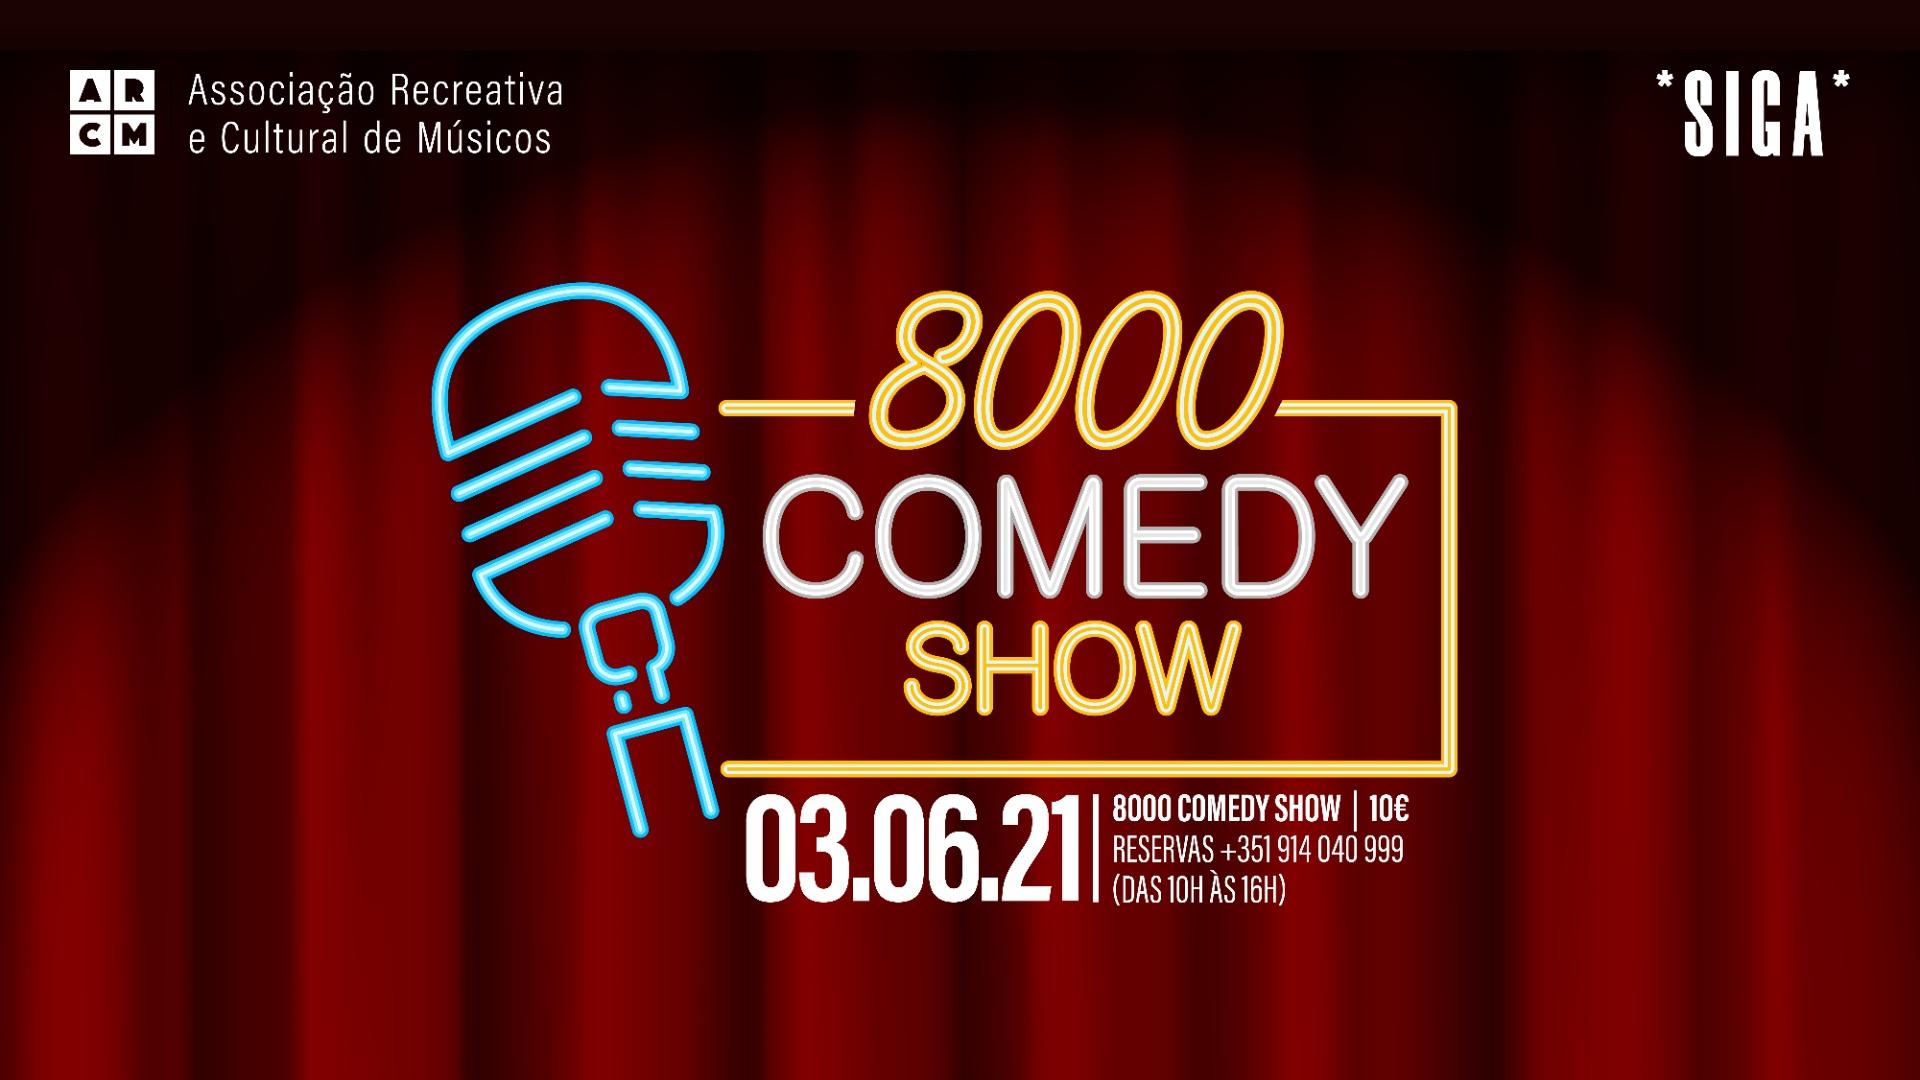 8000 Comedy Show | *SIGA*